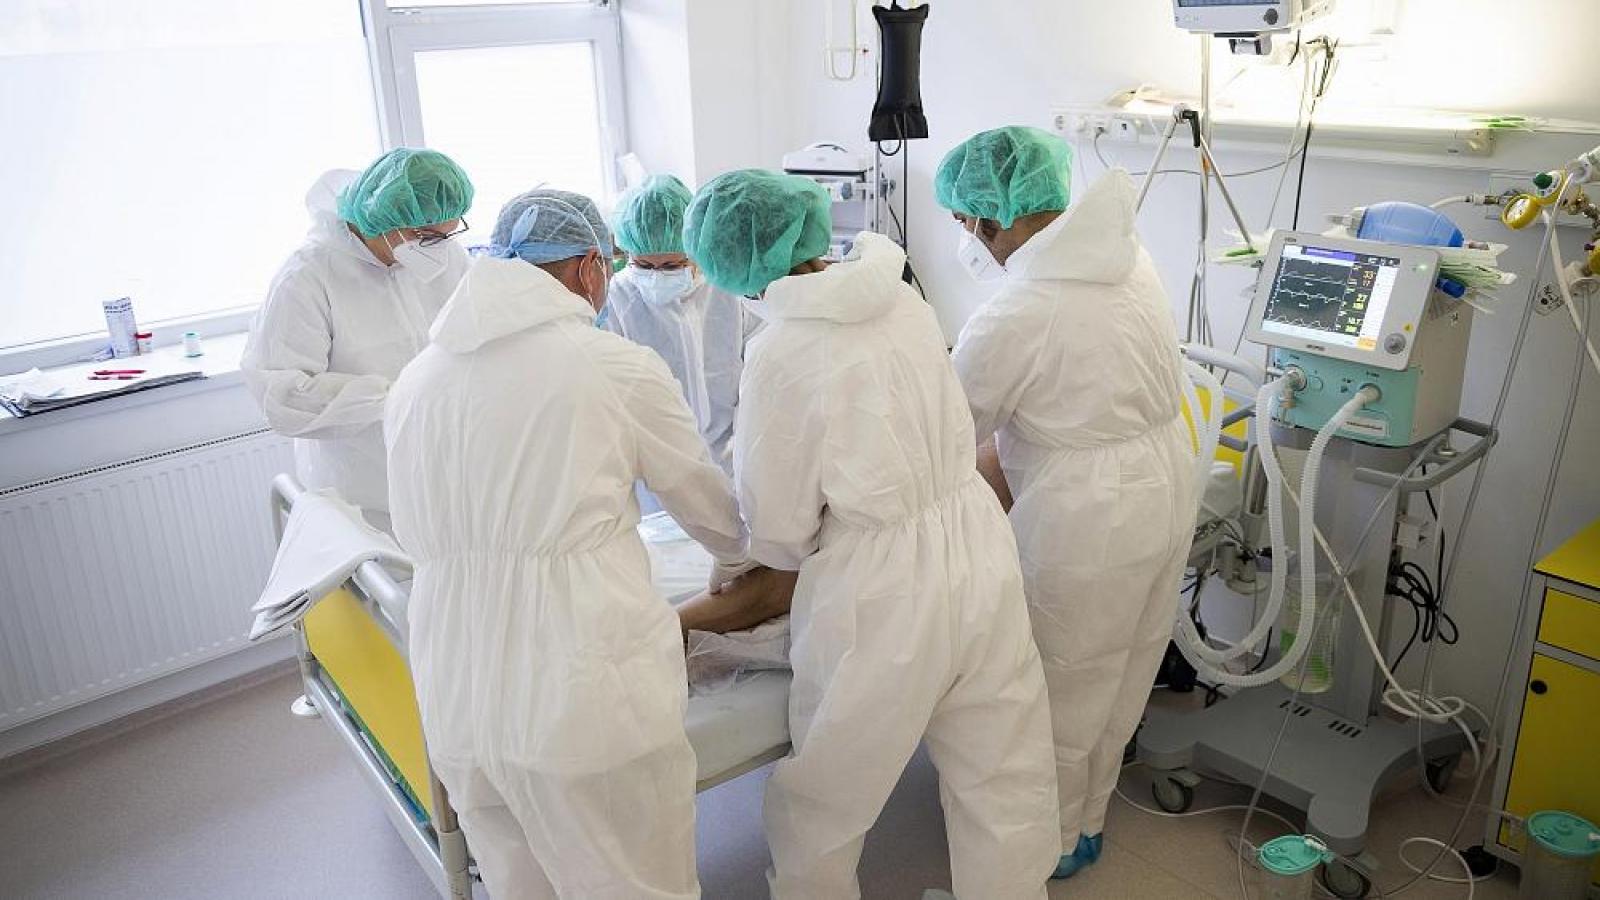 Các nhà báo Hungary yêu cầu được tác nghiệp tại cơ sở điều trị Covid-19